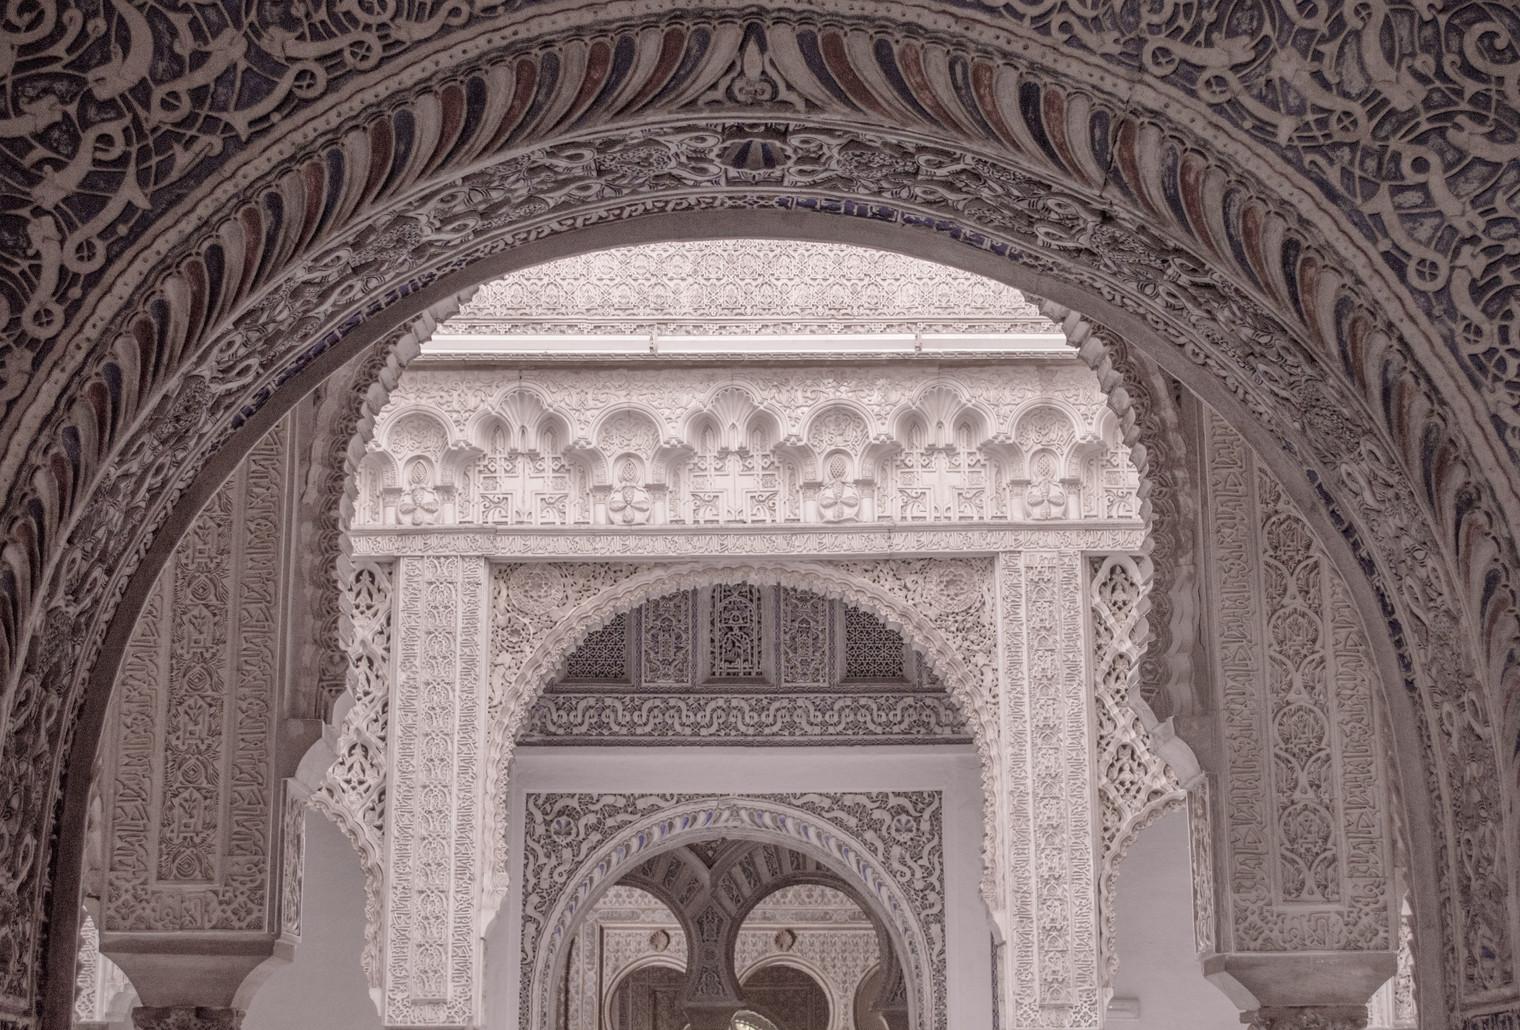 Doorways within doorways in the Alcazar of Seville.